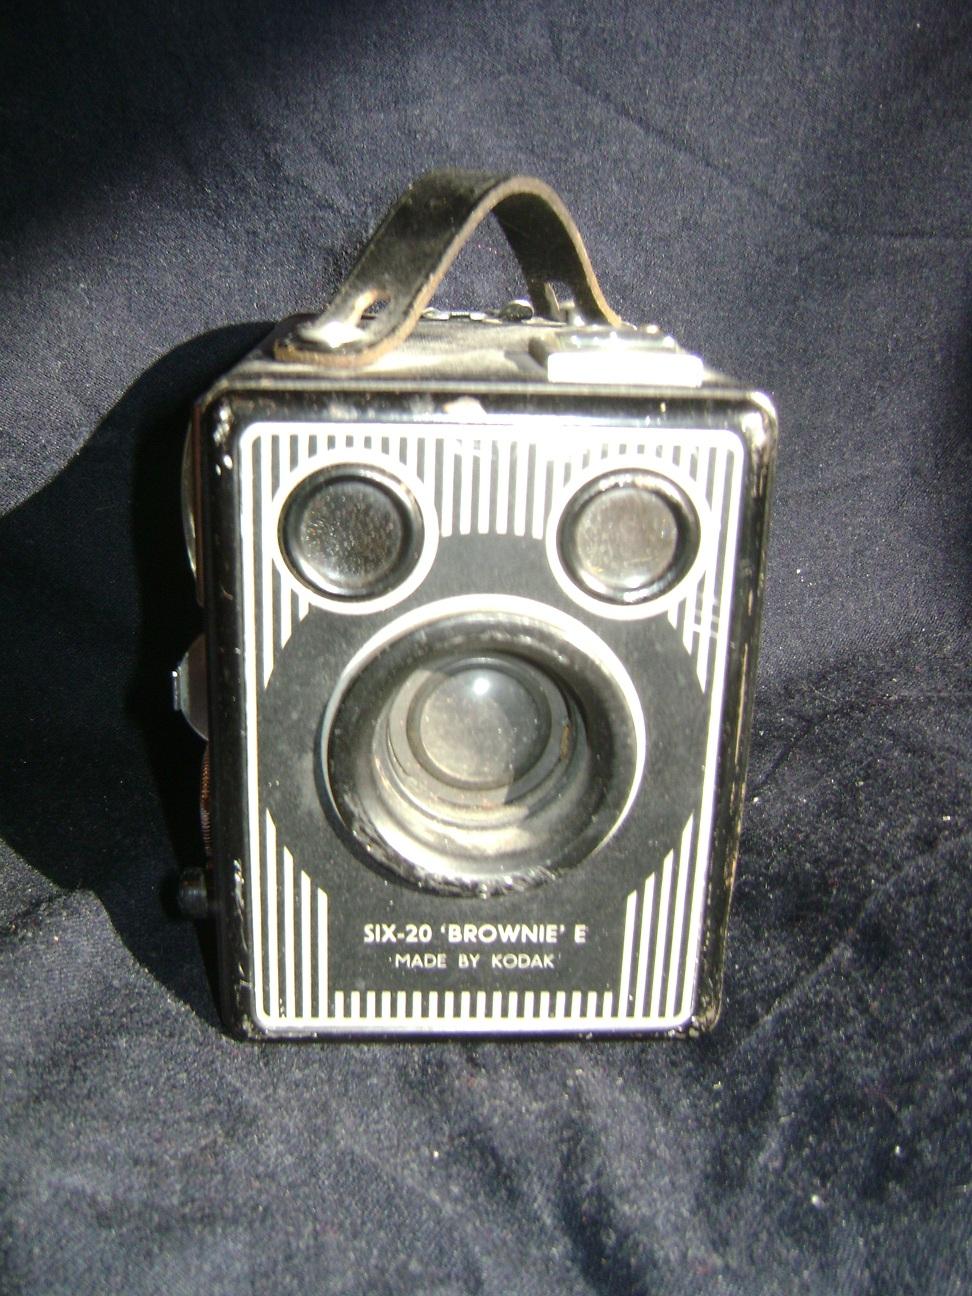 Kamera_Kodak_Six-20_Brownie_E_3.JPG